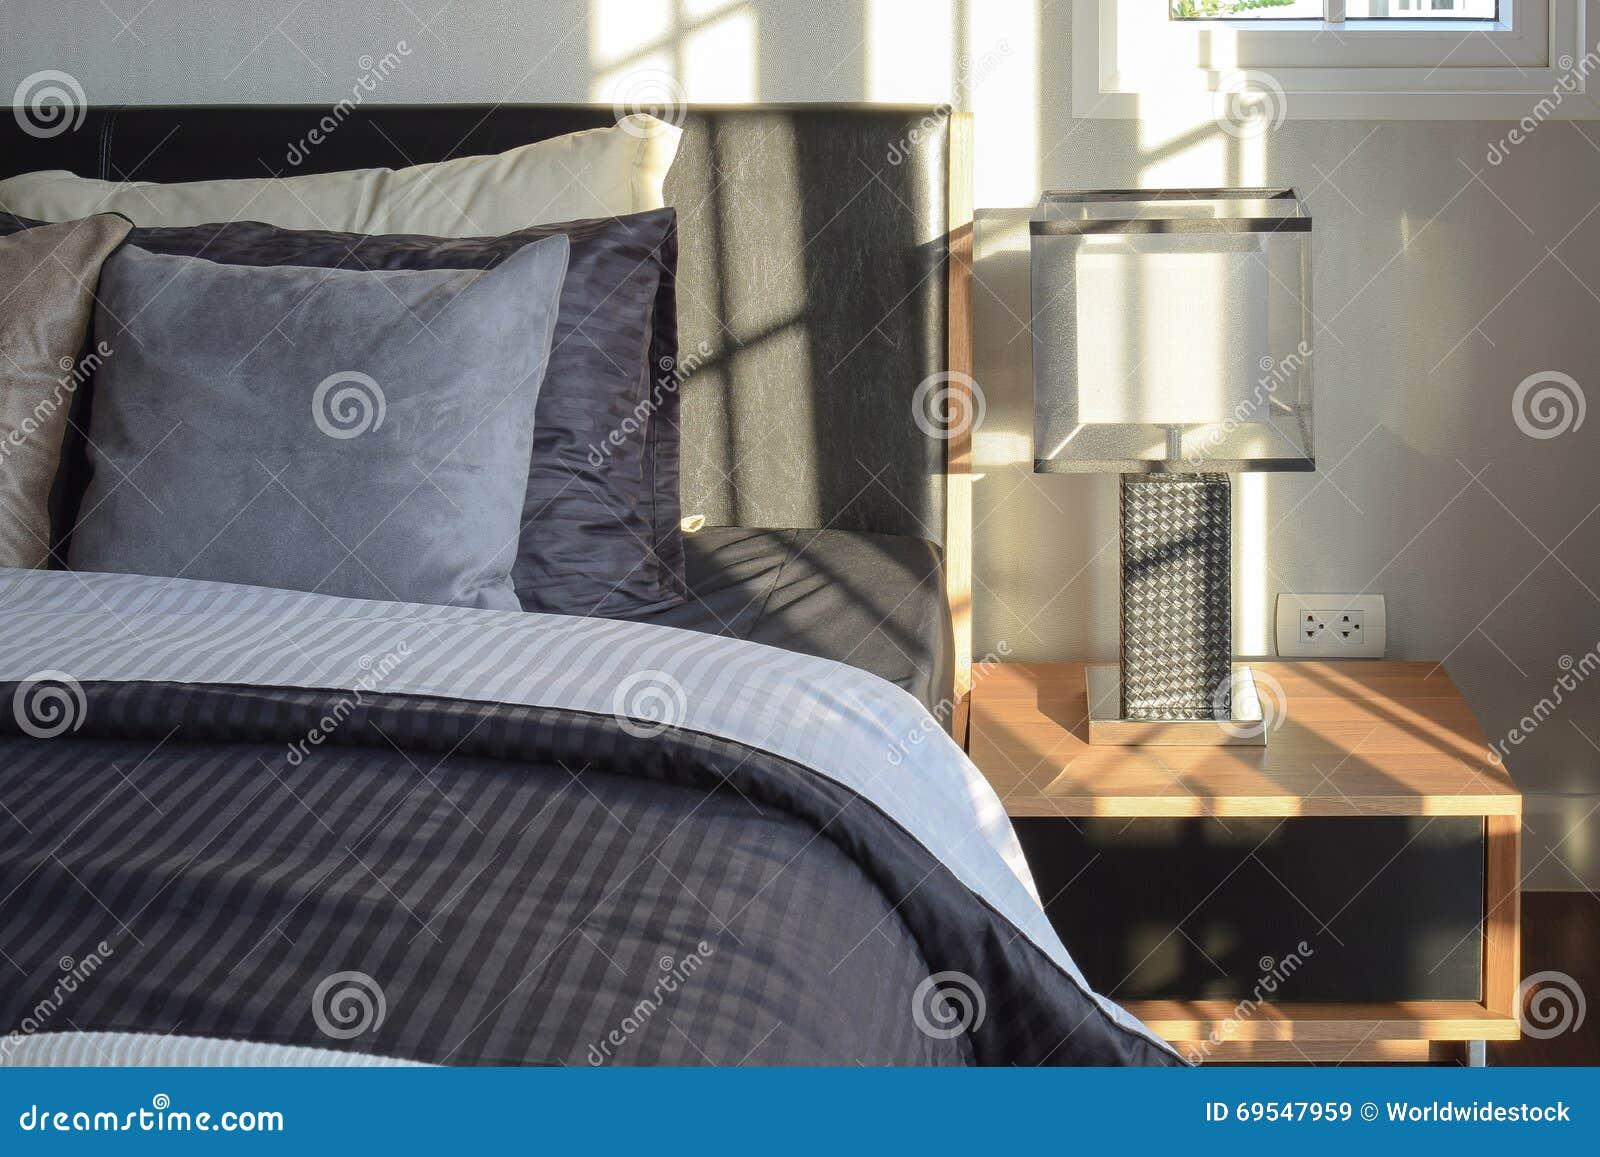 Comò Camera Da Letto Moderna : Odini per camera da letto odini e cassettiere moderne per como